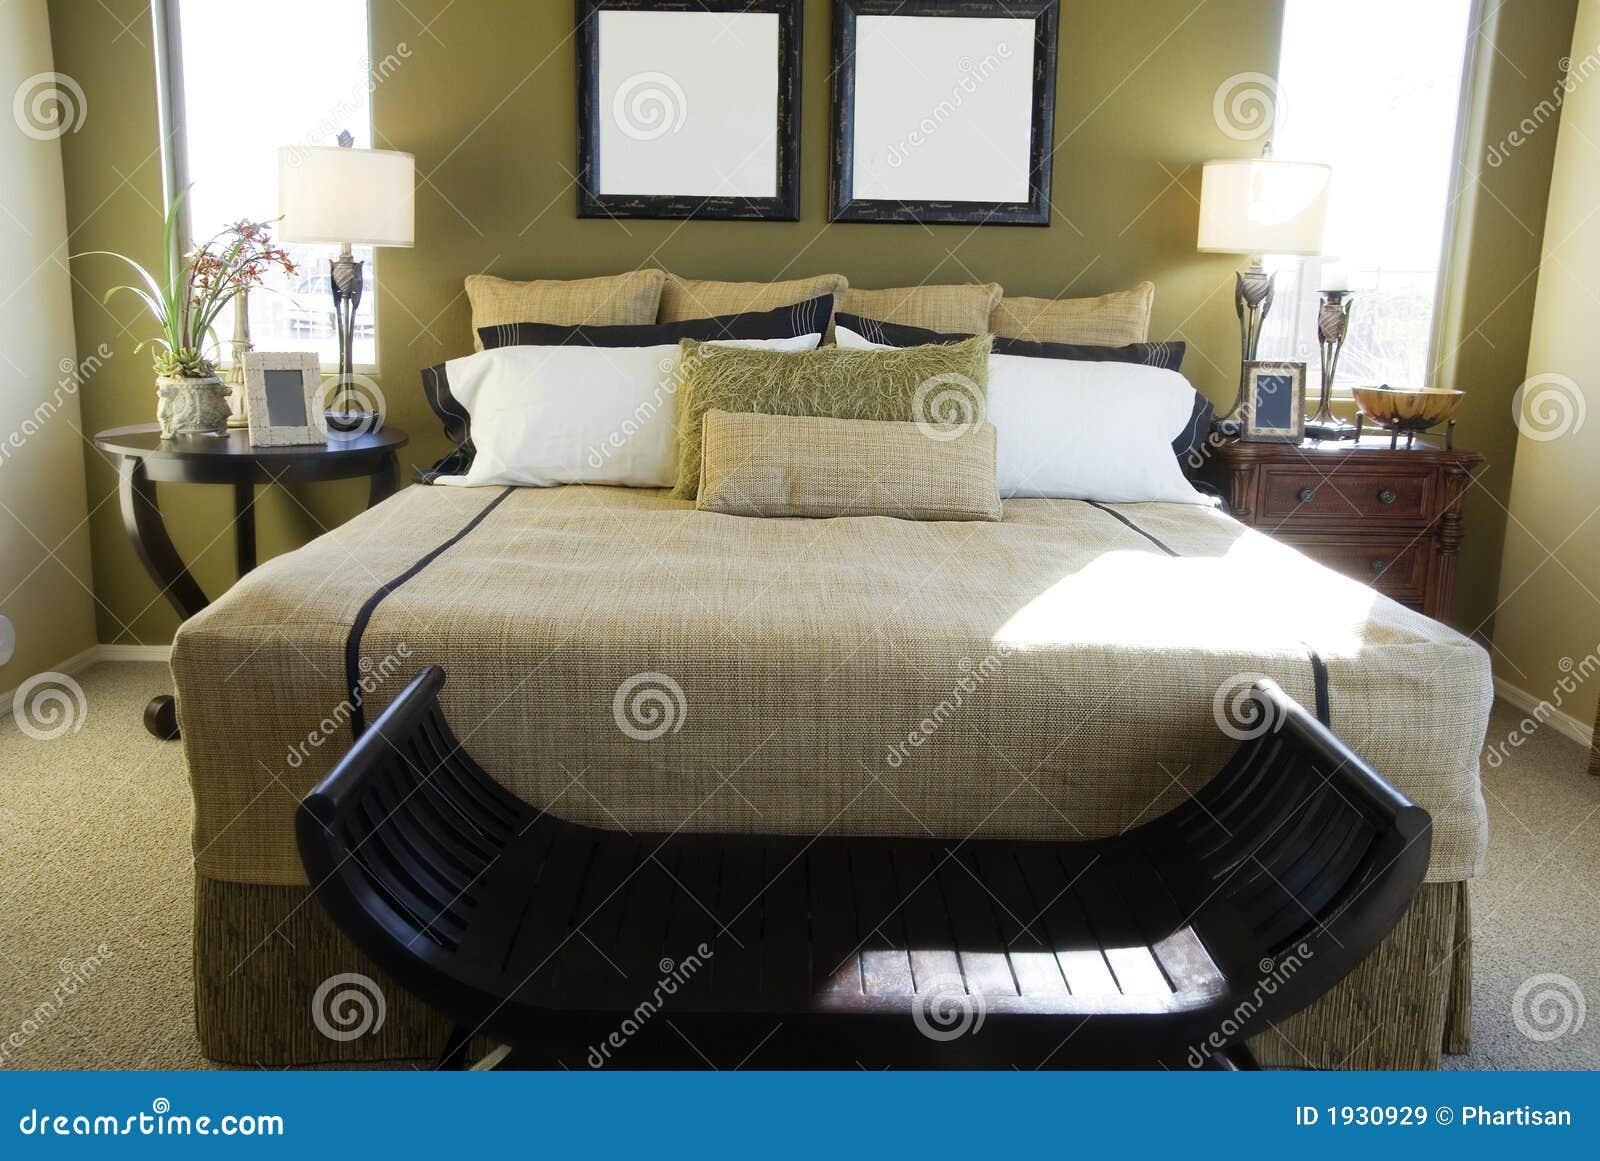 chambre coucher de luxe moderne images libres de droits. Black Bedroom Furniture Sets. Home Design Ideas